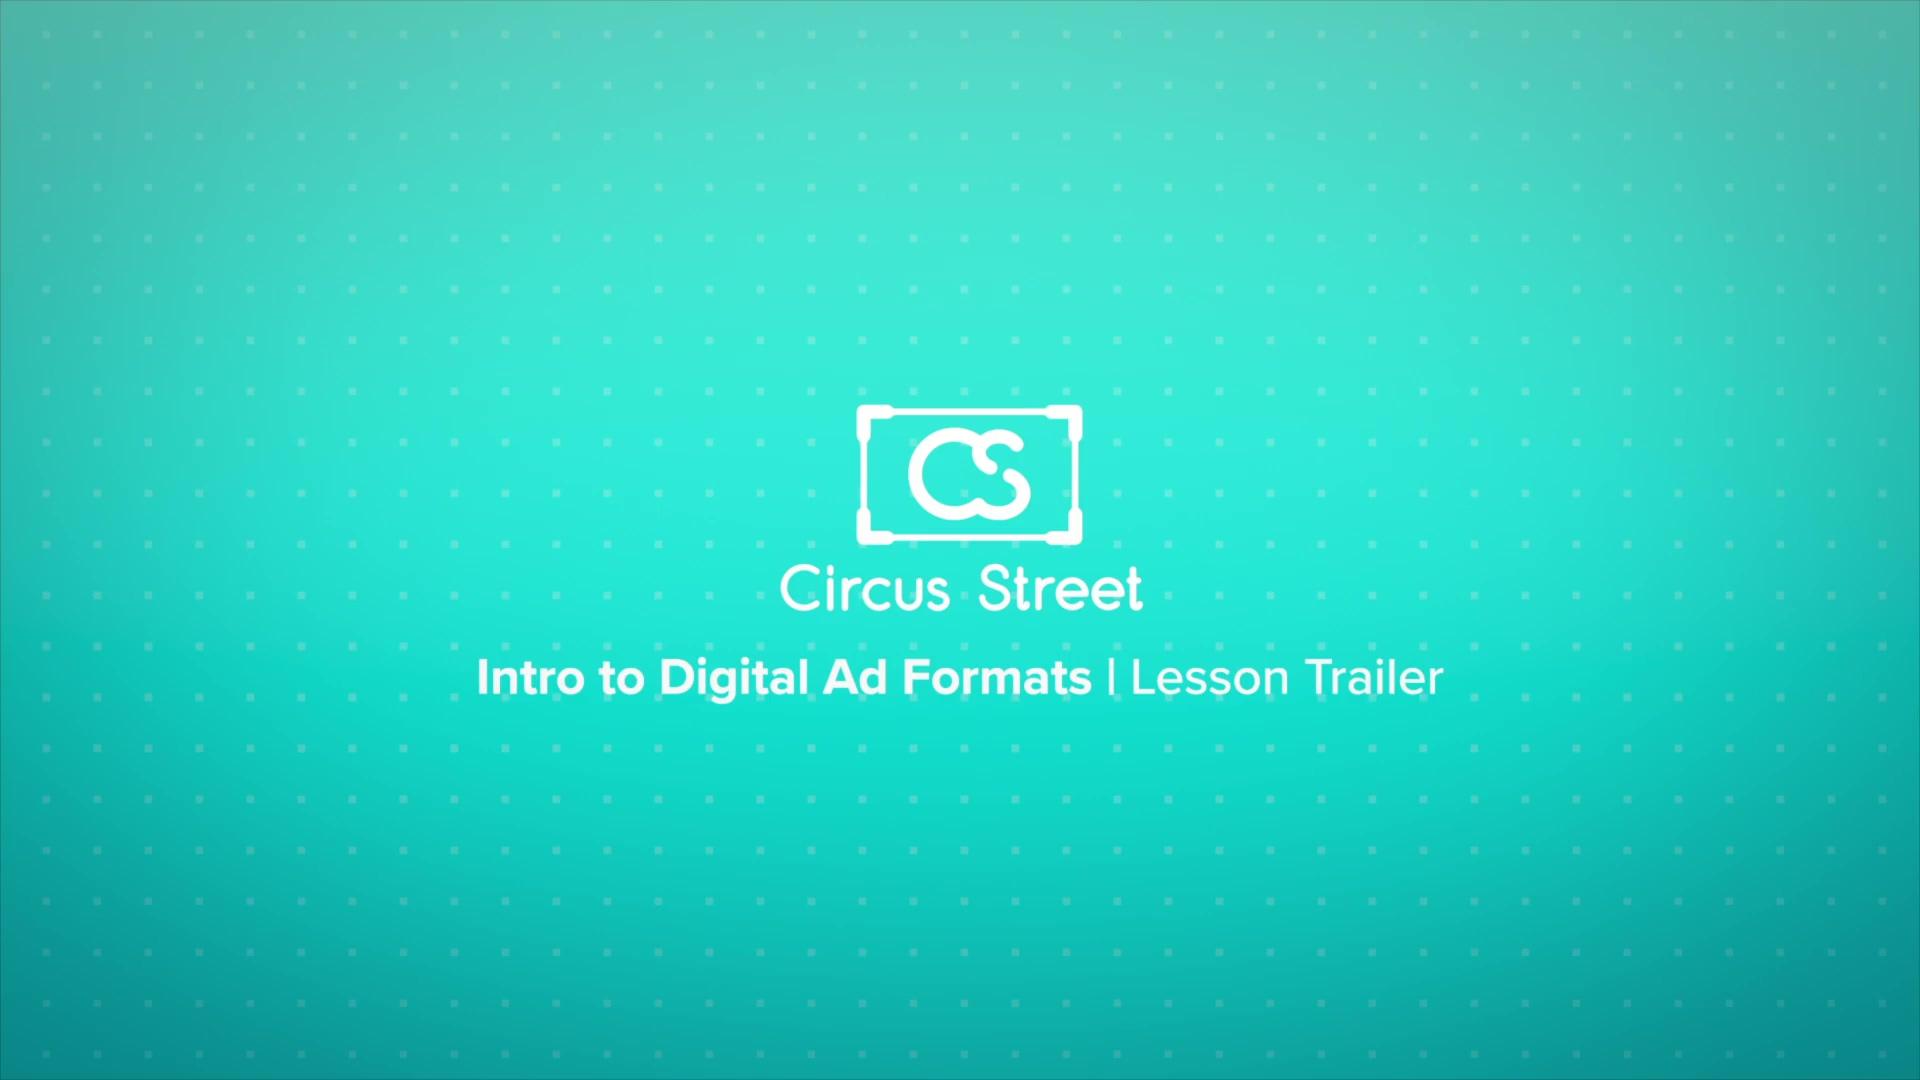 Digital Ad Formats Trailer